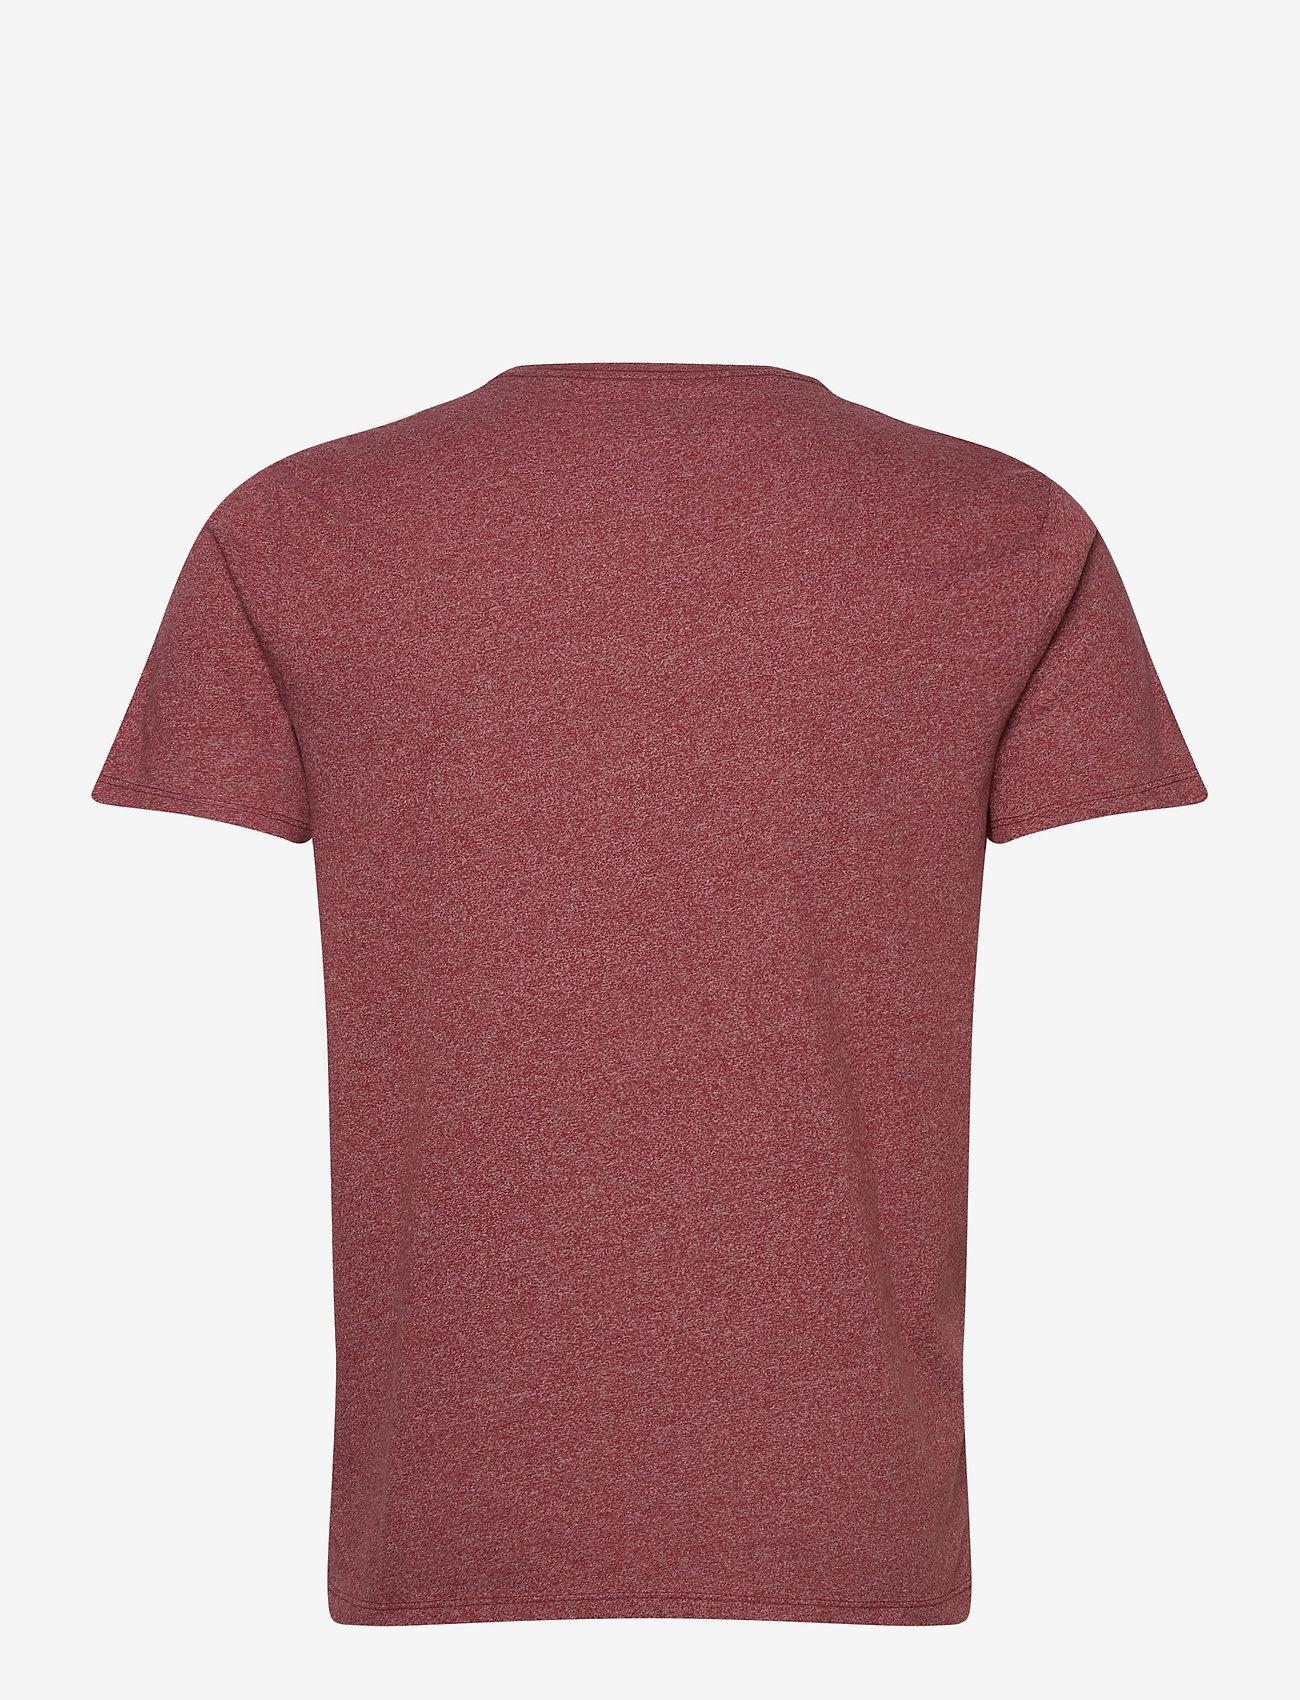 Abercrombie & Fitch Icon Vee - T-skjorter BURGUNDY DD - Menn Klær